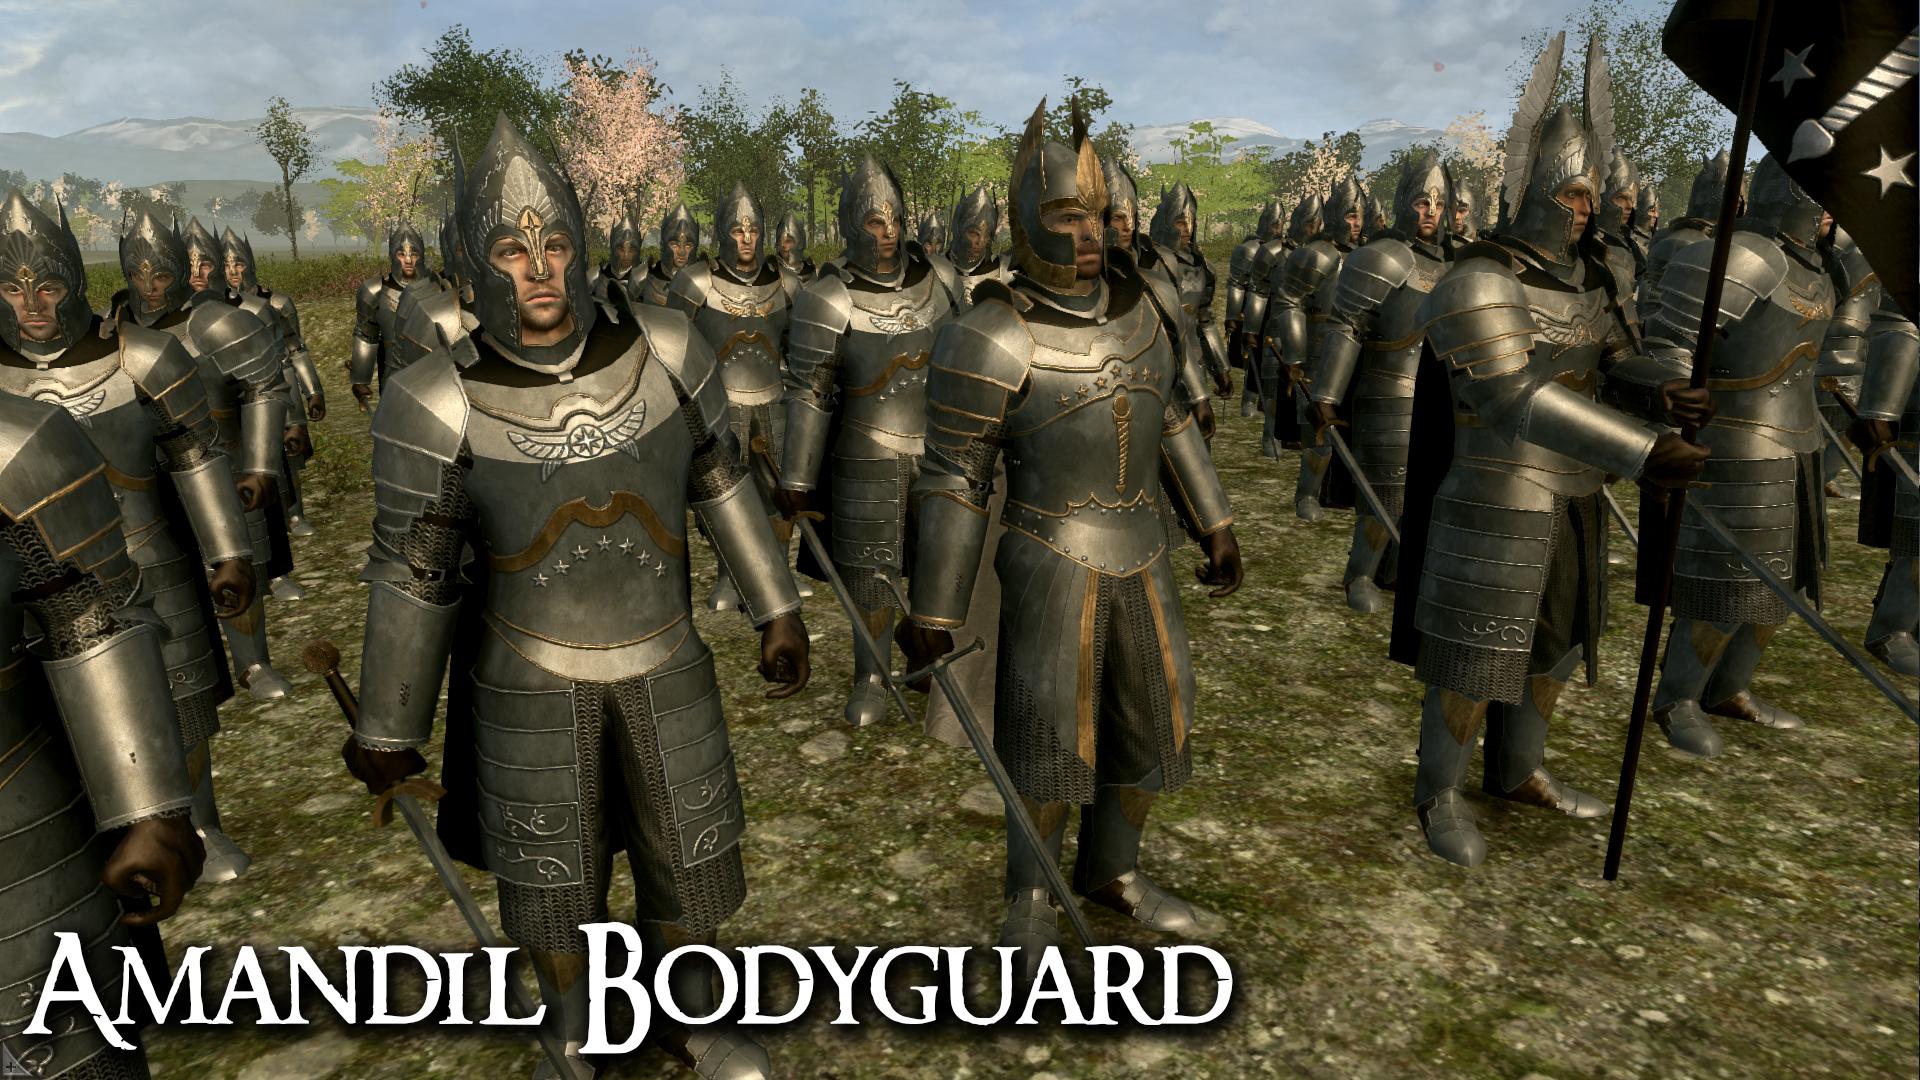 Amandil Bodyguard